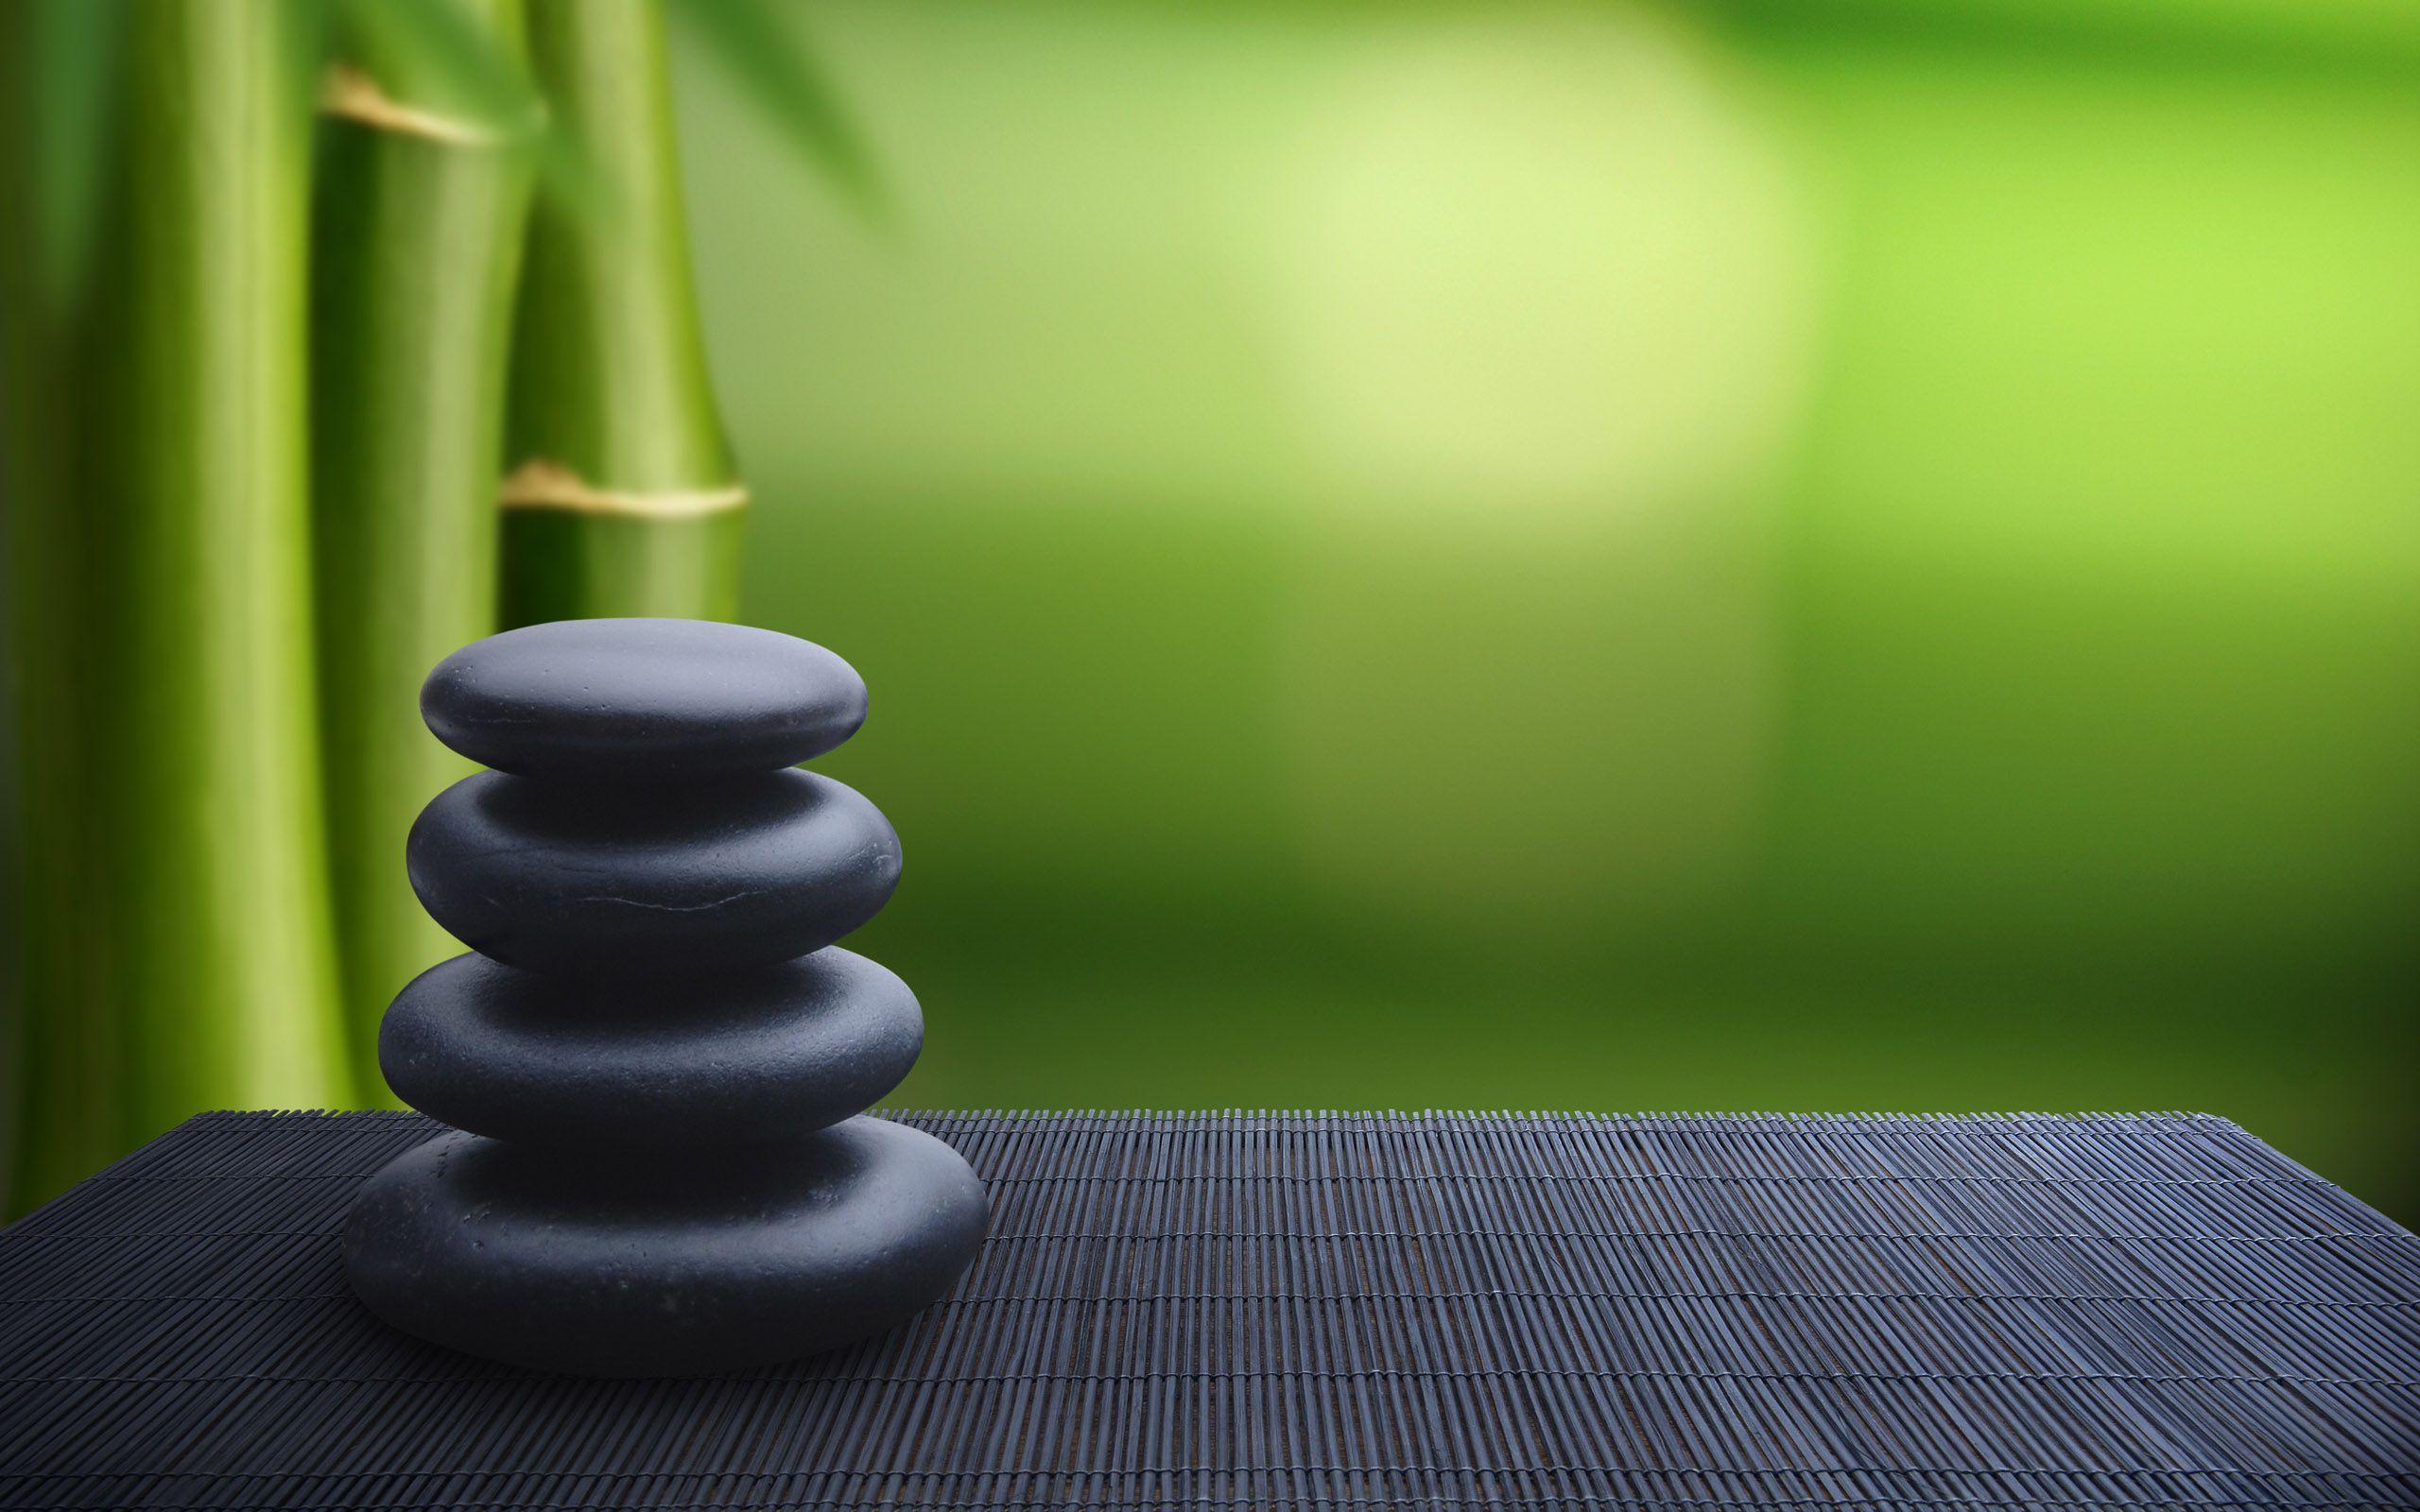 Japan Balance Bamboo Rocks Zen Wallpaper 584672 Wallbase Cc Zen Wallpaper Zen Meditation